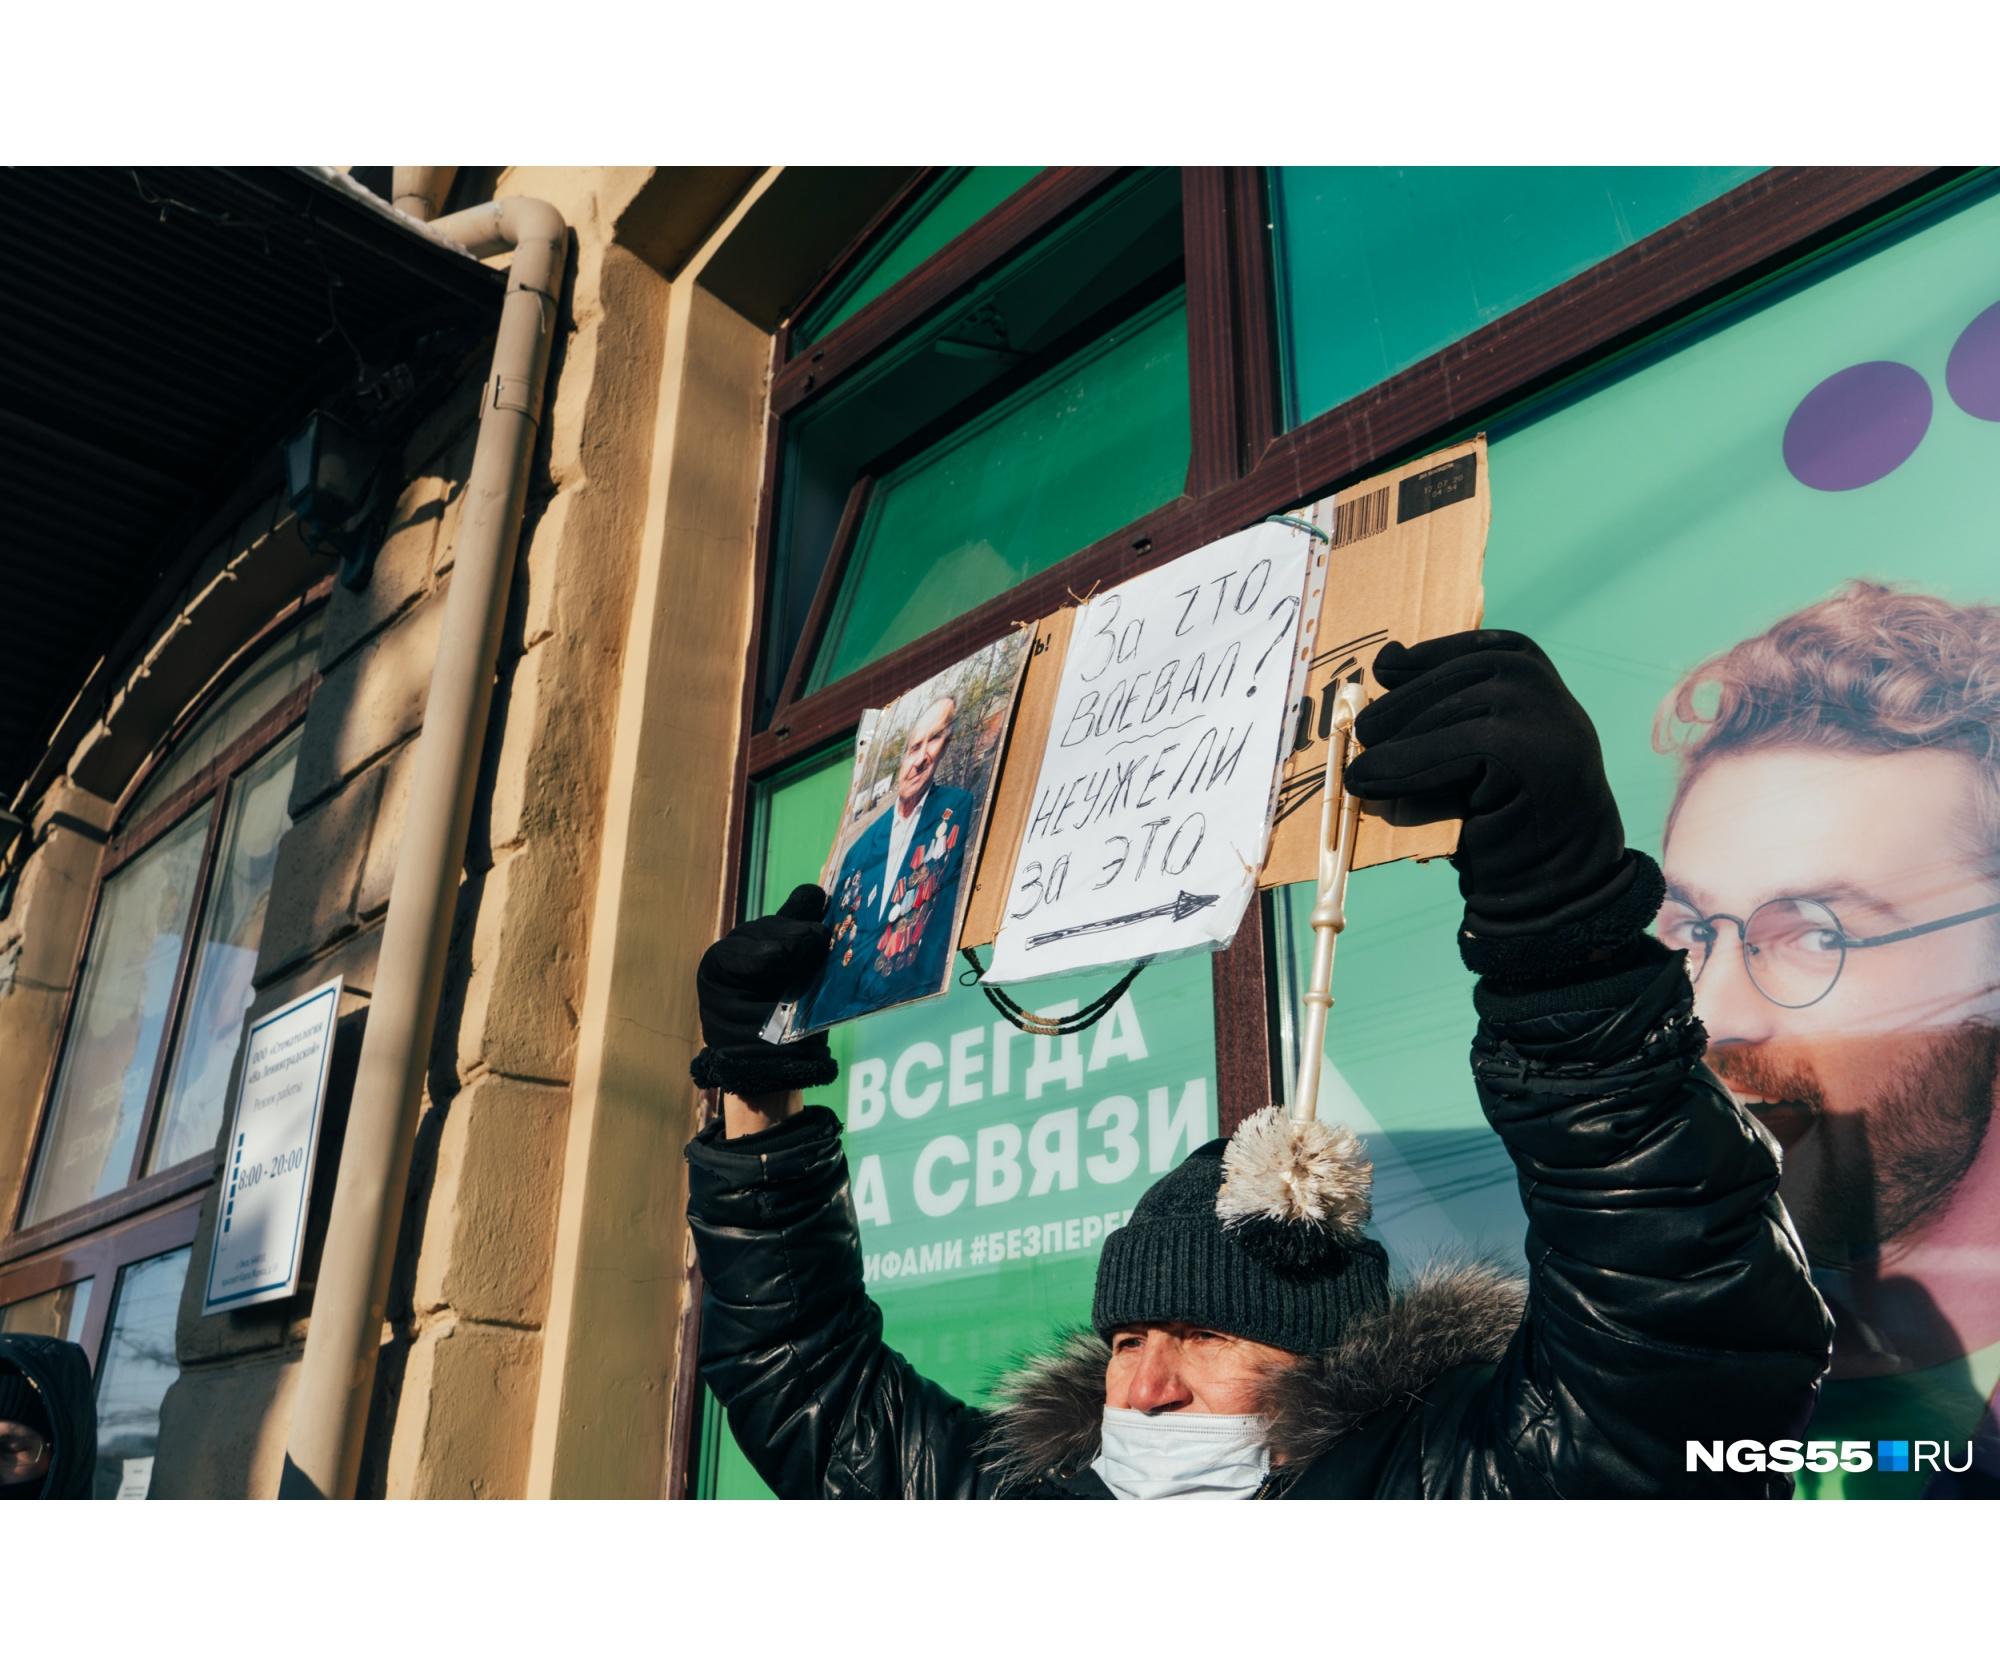 Ершик, фигурировавший в последнем расследовании Навального, стал одним из символов митингов